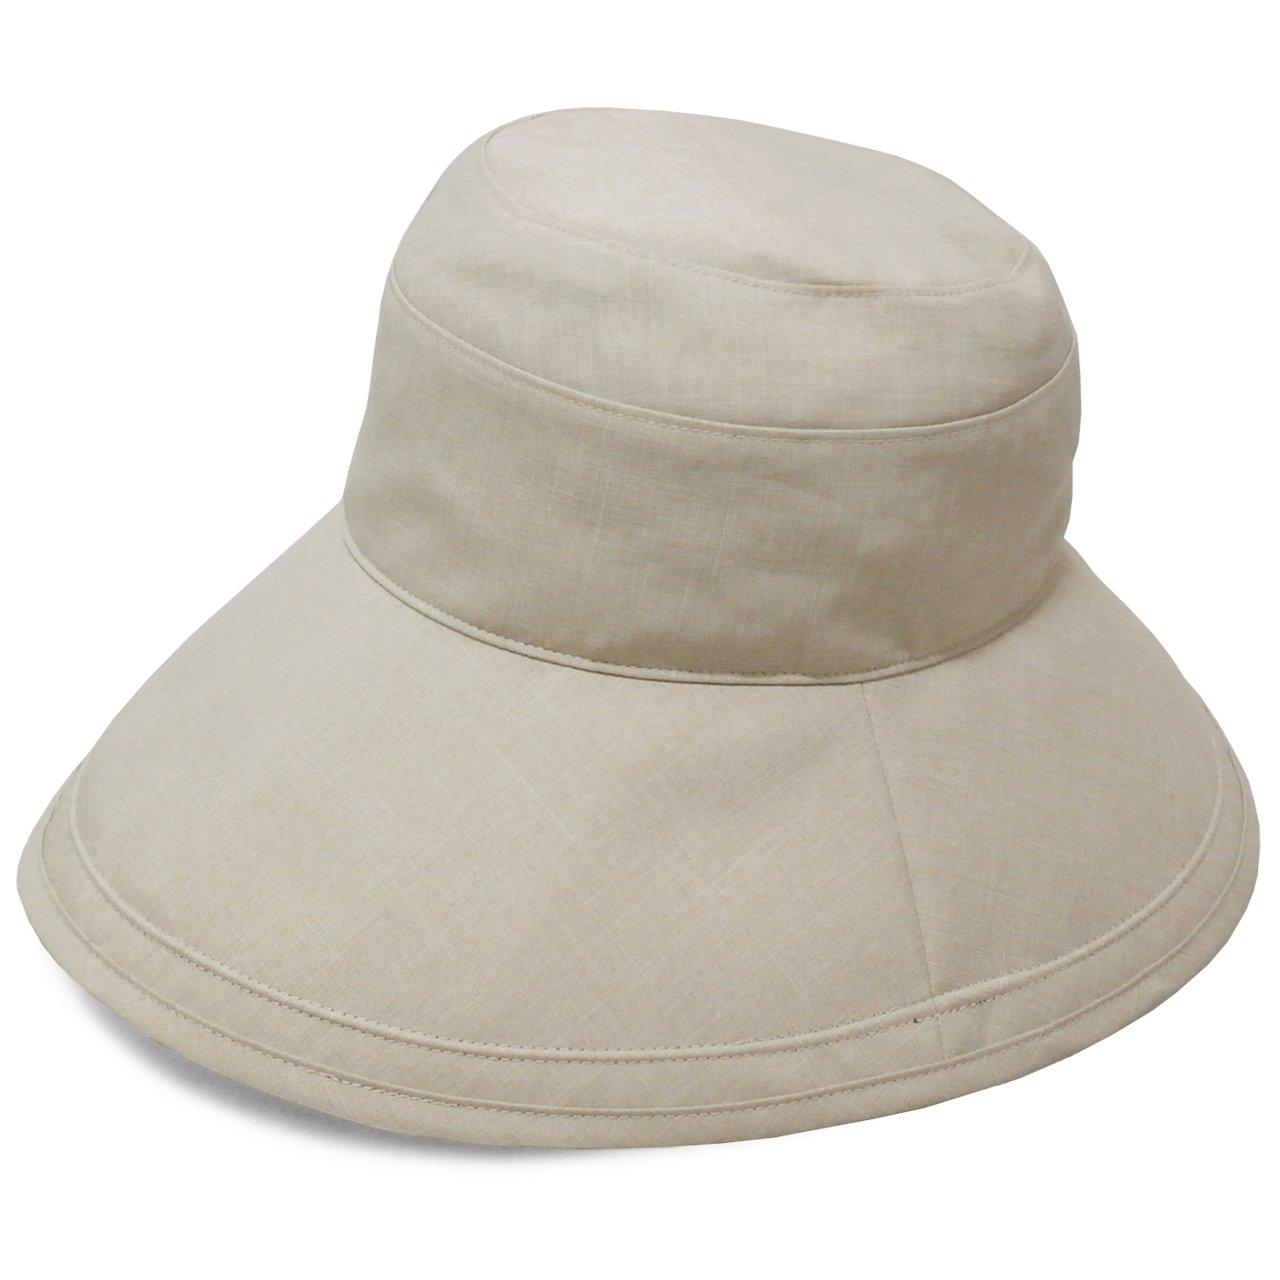 Rose Blanc(ロサブラン) 100%完全遮光 帽子 プレーンハット12cm (通気性タイプ) Sサイズ B06WWDRB2W DungareeBeige(ダンガリーベージュ) DungareeBeige(ダンガリーベージュ)